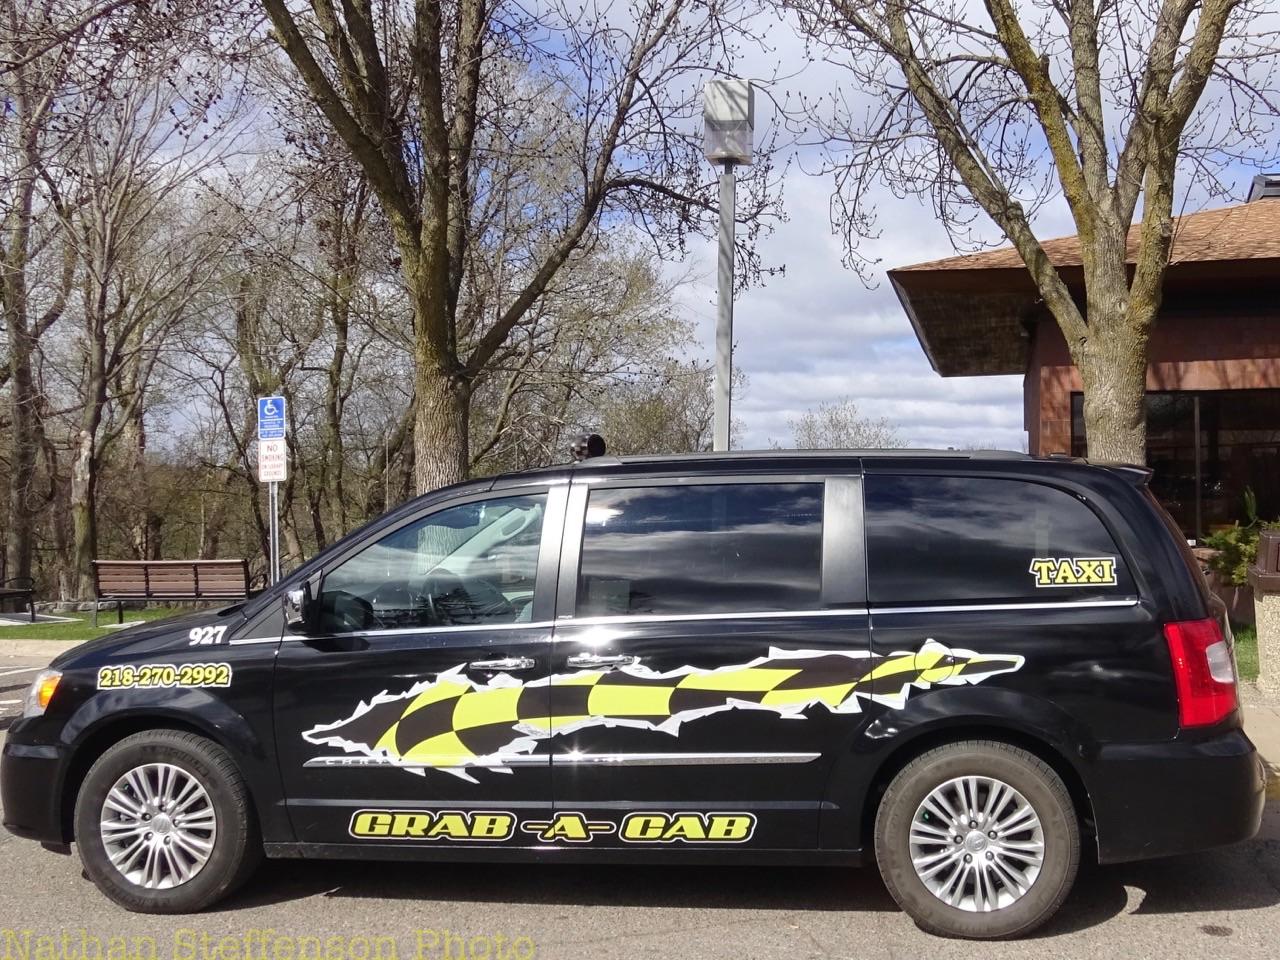 black grab-a-cab Taxi (left)